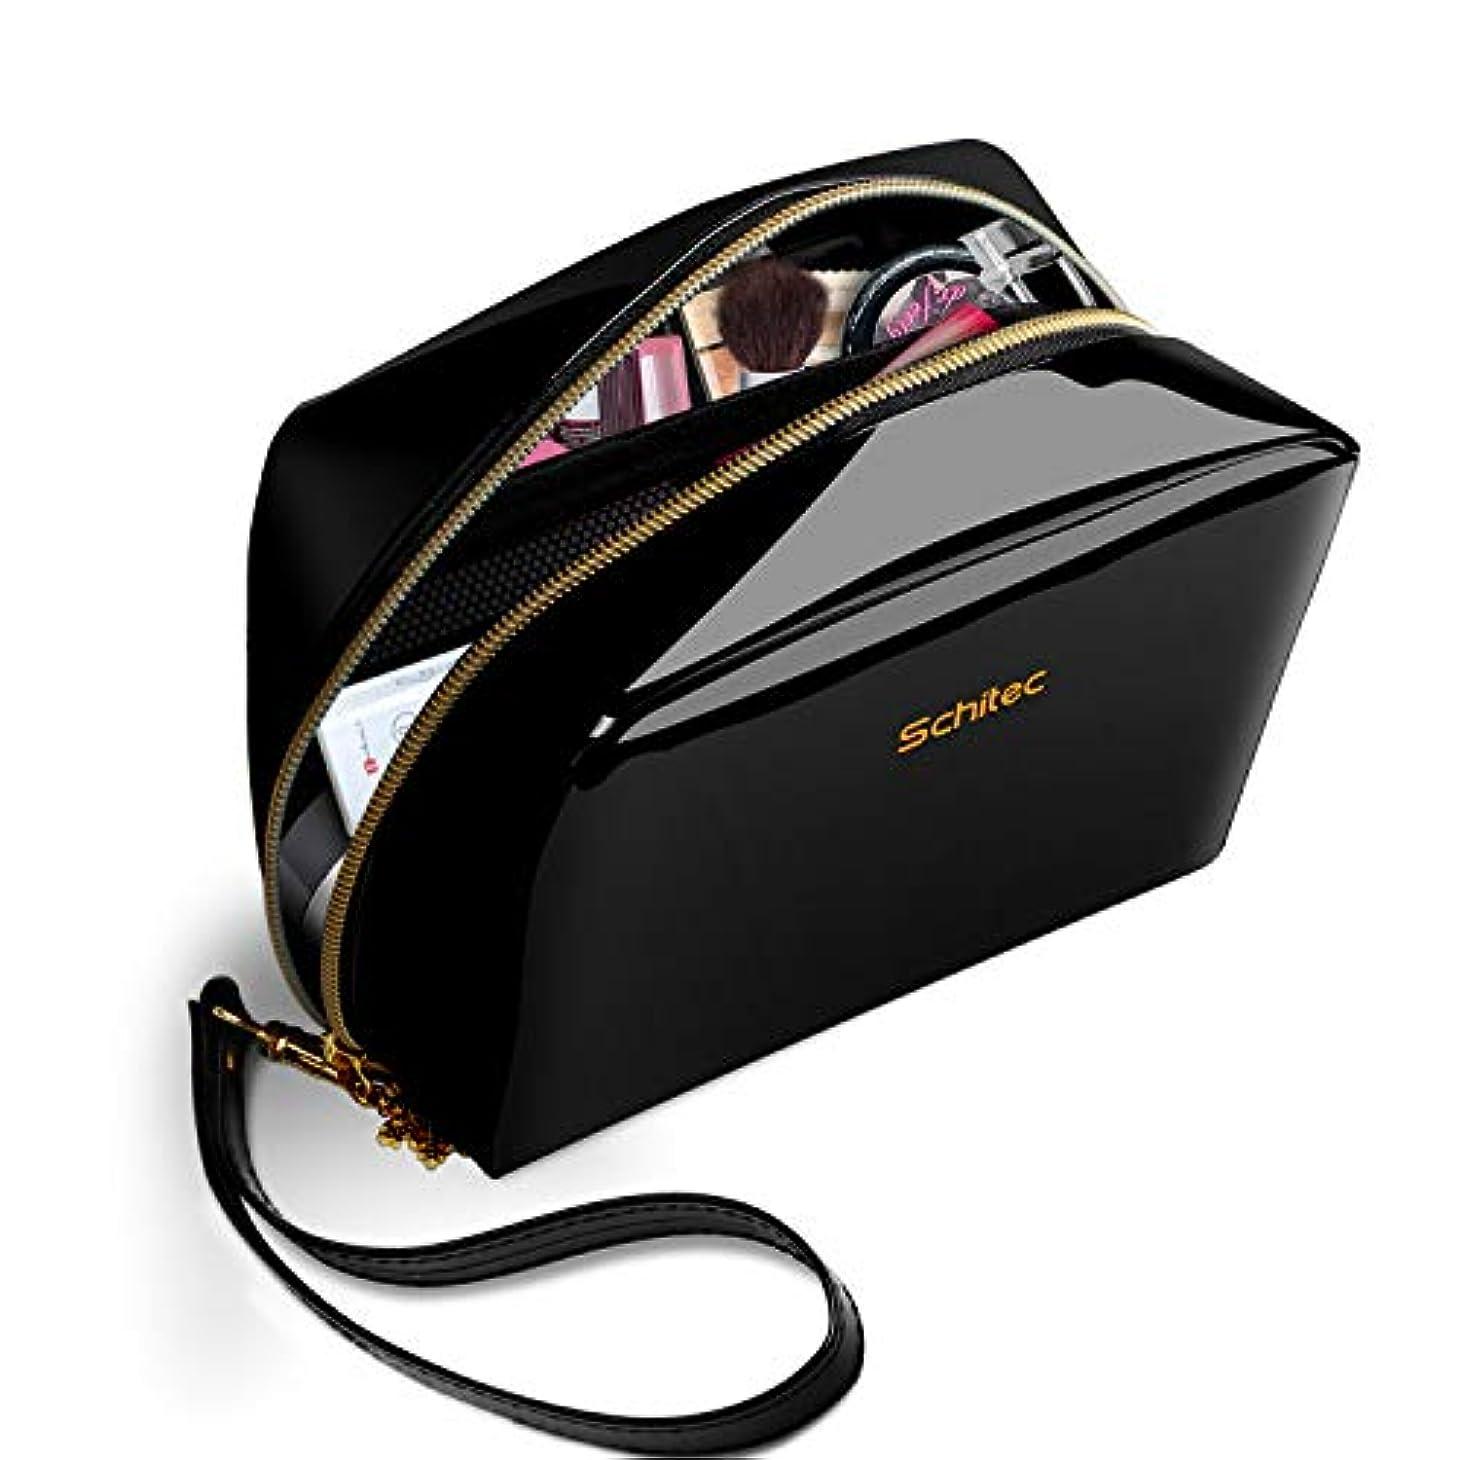 一握り発明する節約する化粧ポーチ メイクポーチ ミニ 財布 機能的 大容量 化粧品収納 小物入れ 普段使い 出張 旅行 メイク ブラシ バッグ 化粧バッグ